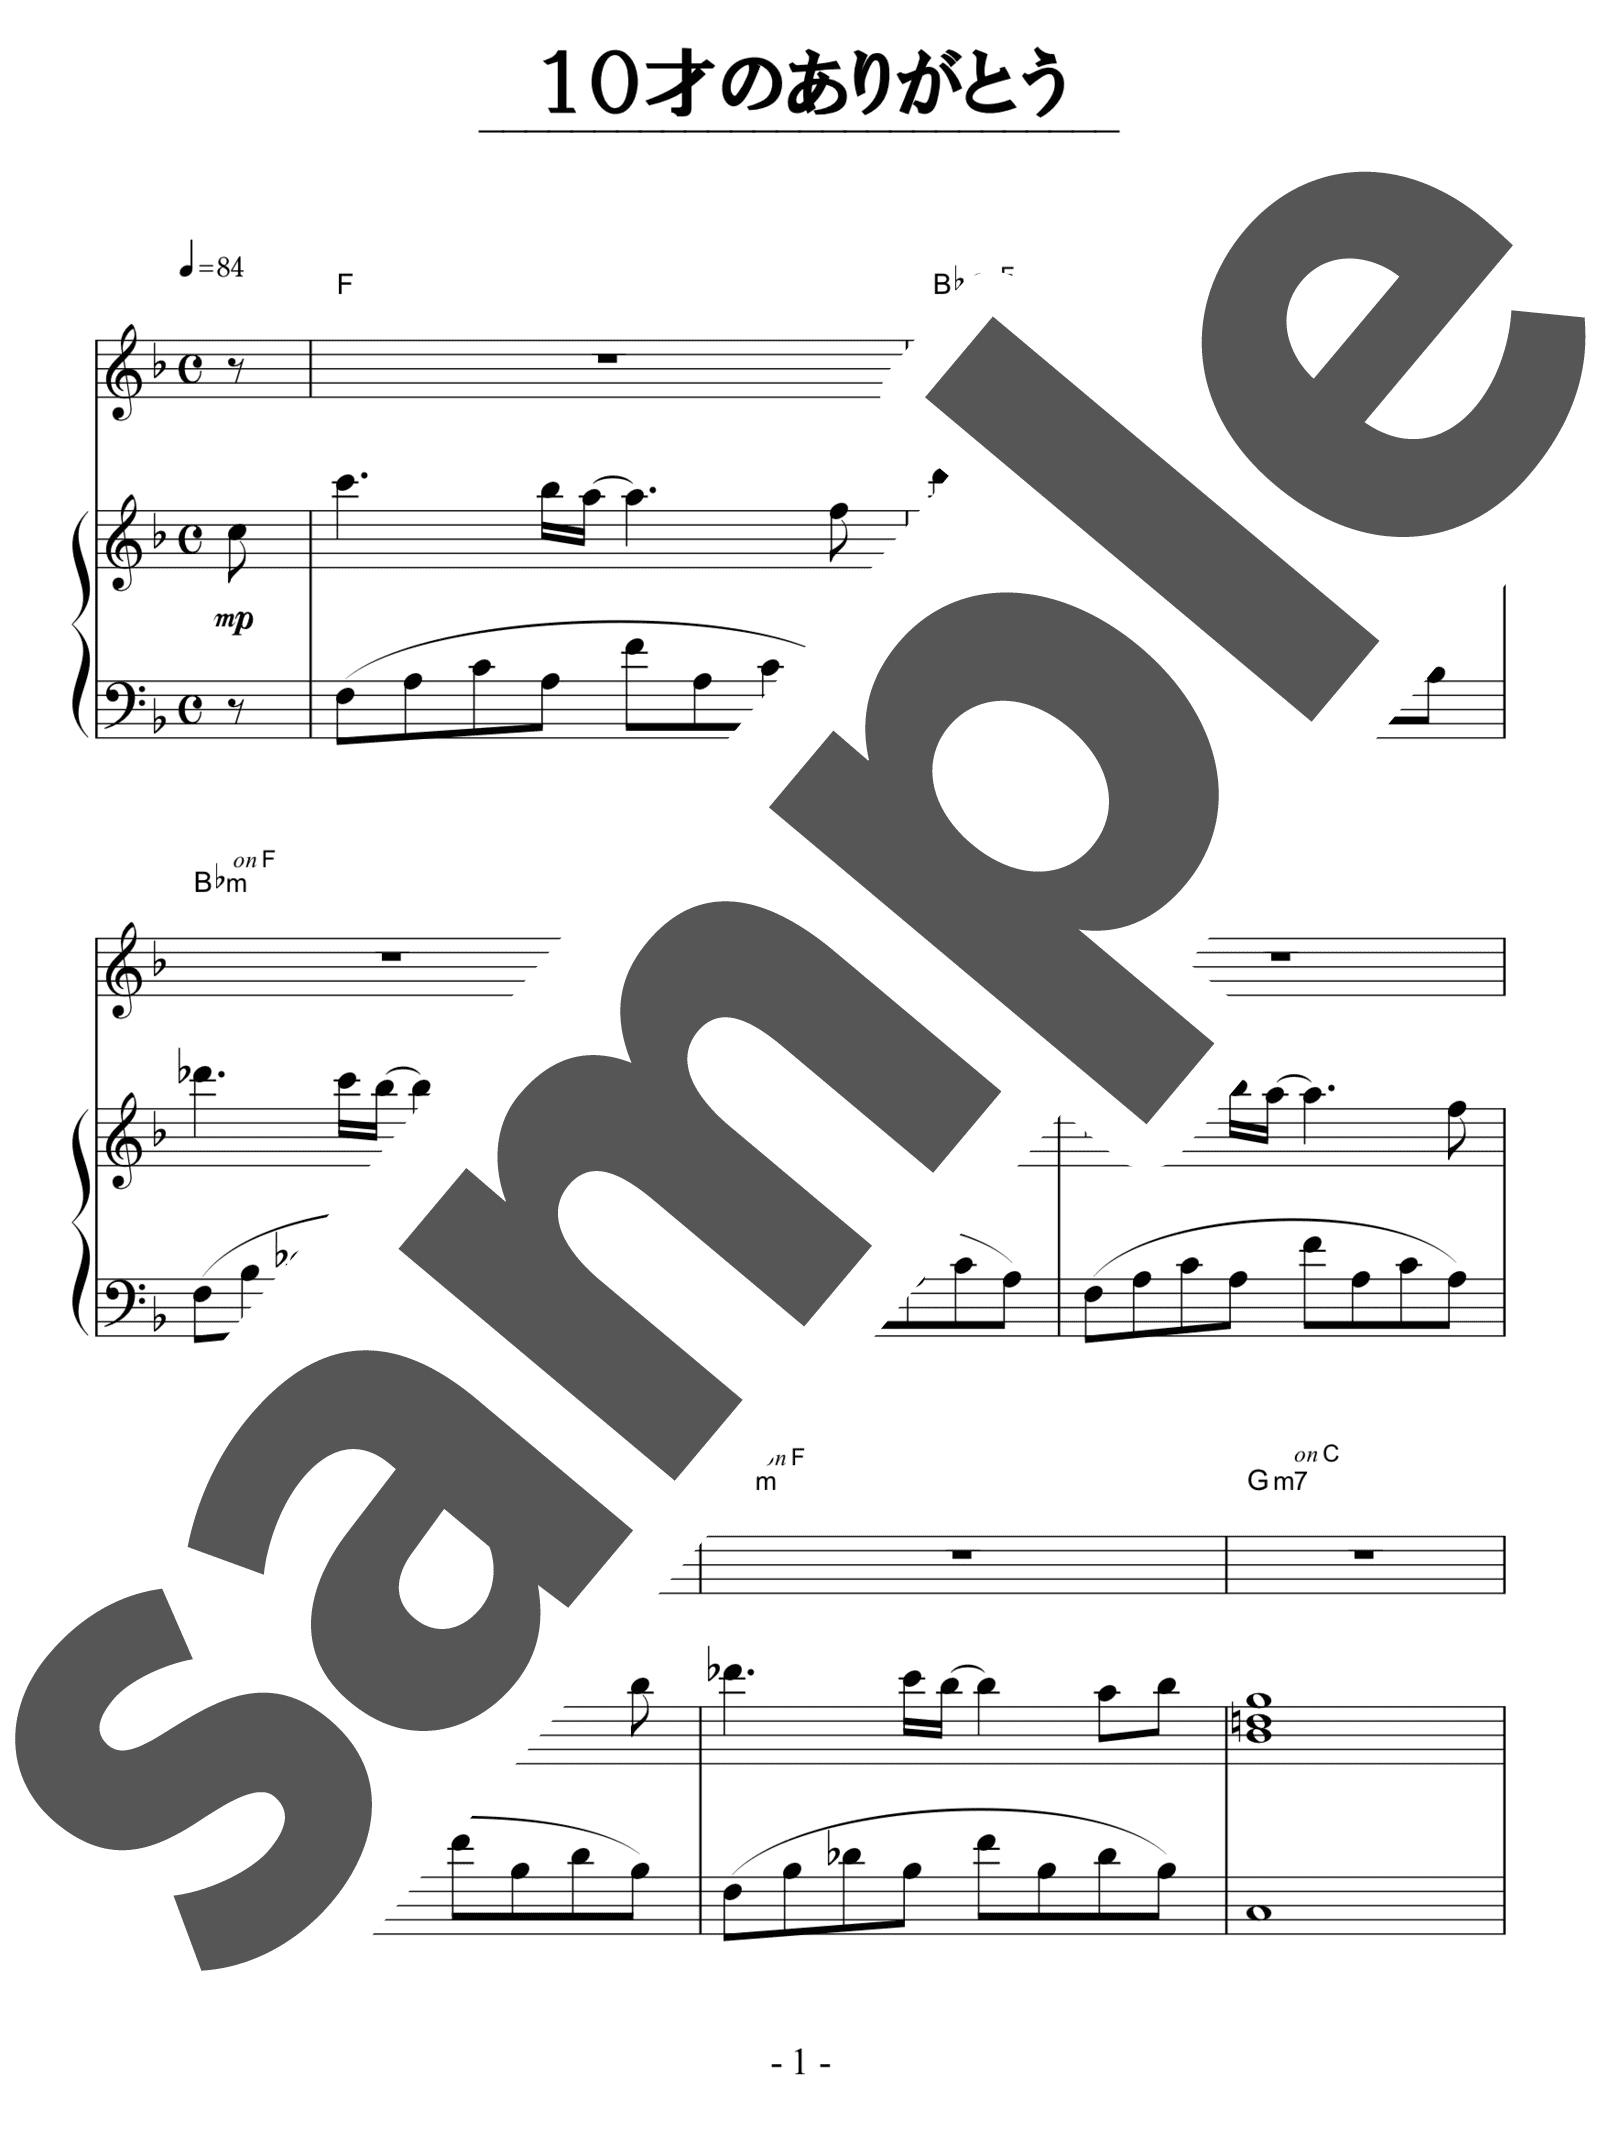 「10才のありがとう」のサンプル楽譜